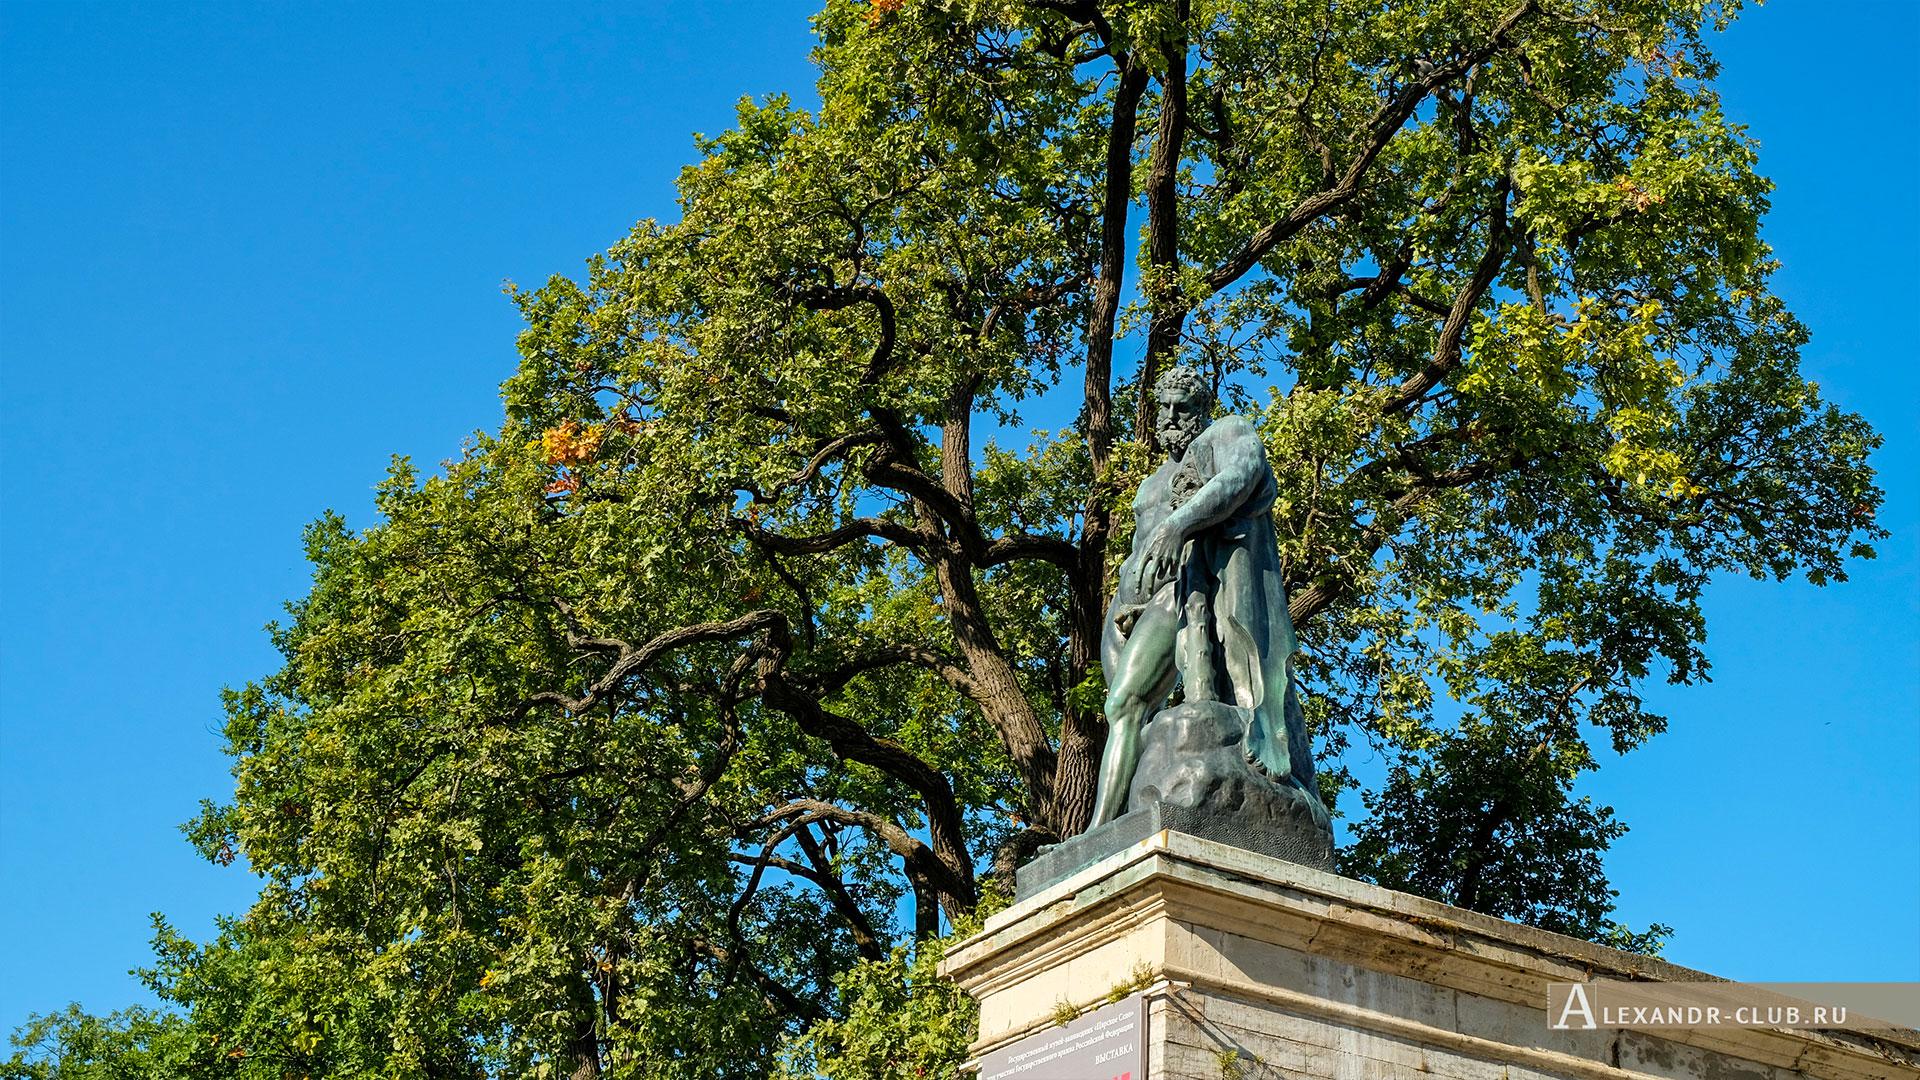 Царское Село, лето, Екатерининский парк, статуя Геркулес Фарнезский